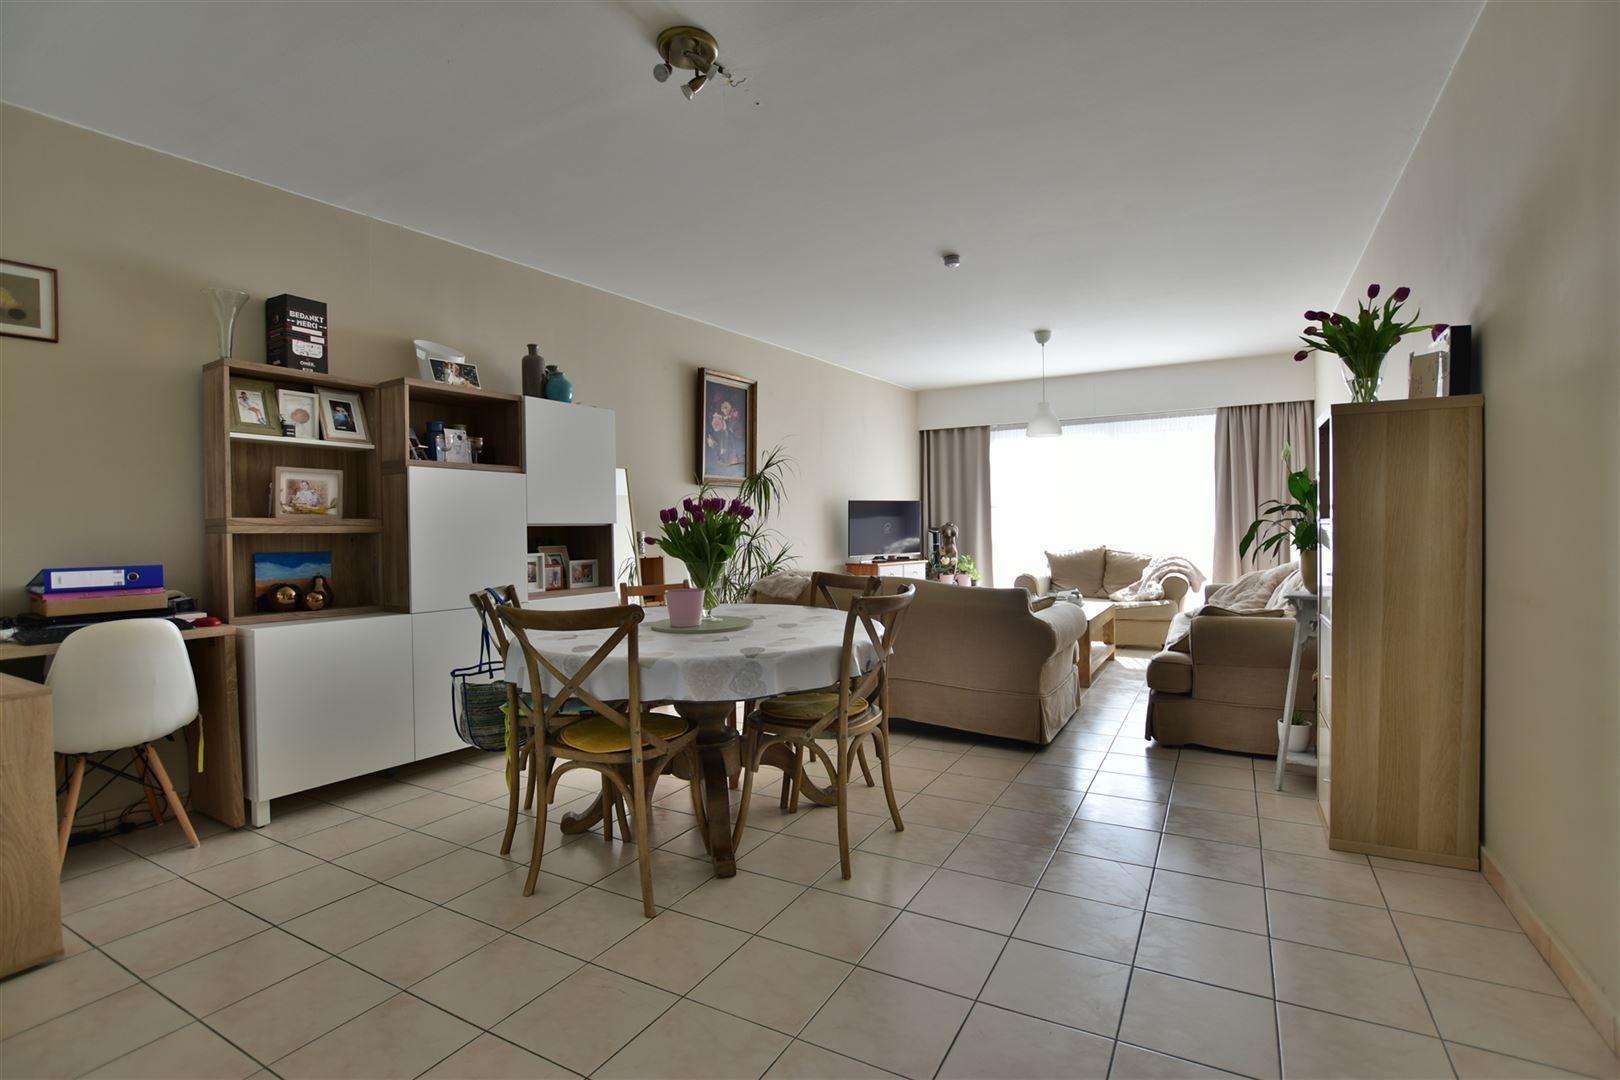 Foto 2 : Appartement te 9200 APPELS (België) - Prijs € 190.000